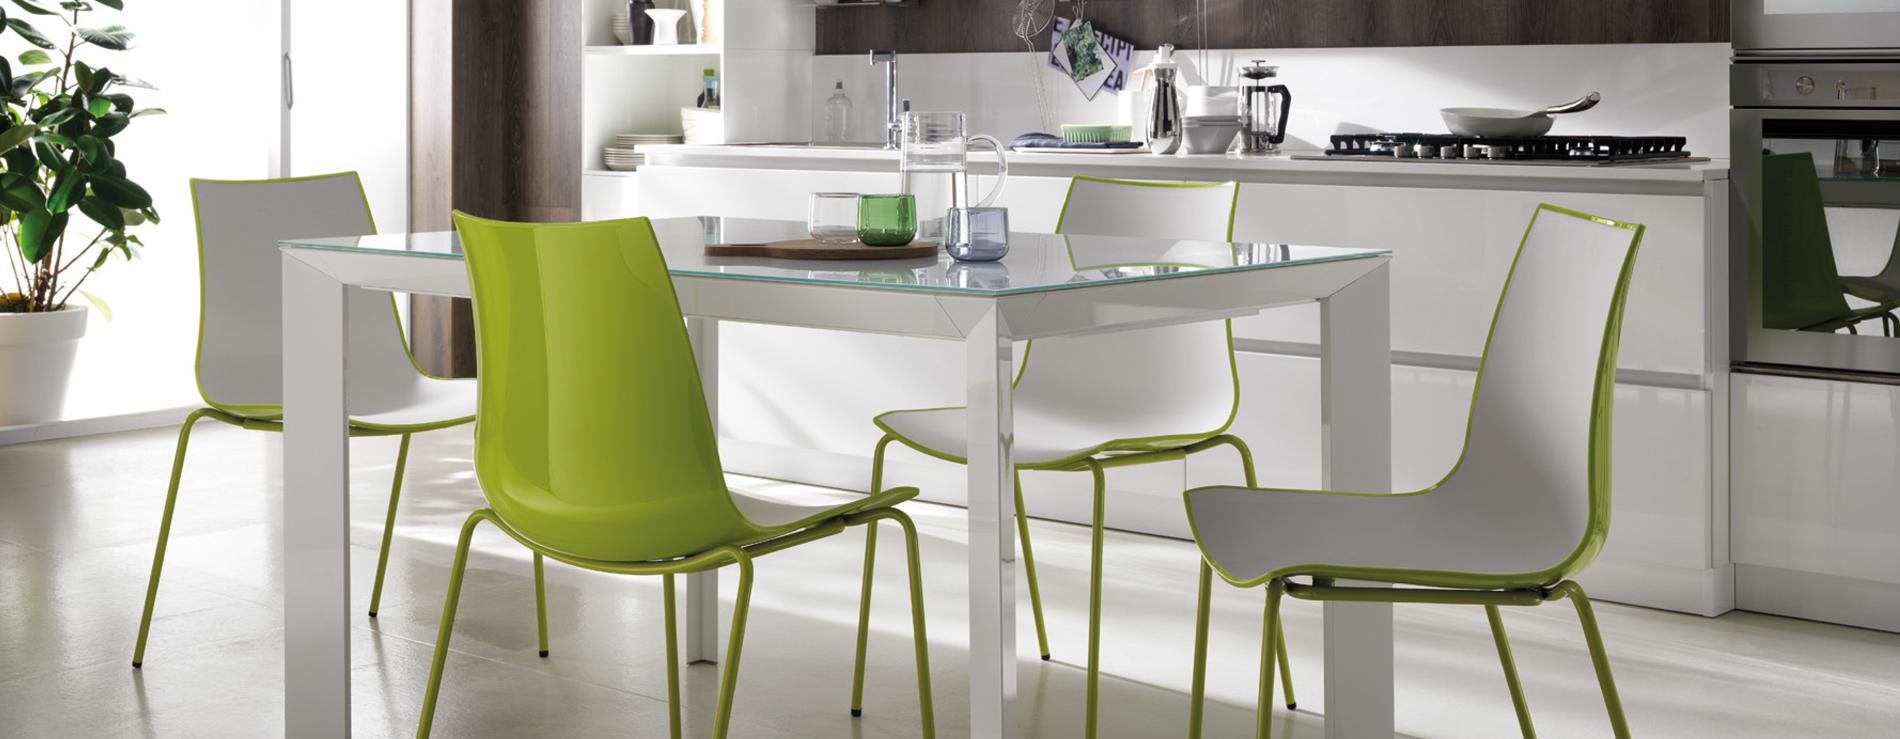 Tavoli sedie sgabelli moderni scavolini centro mobili - Sgabelli moderni per cucina ...